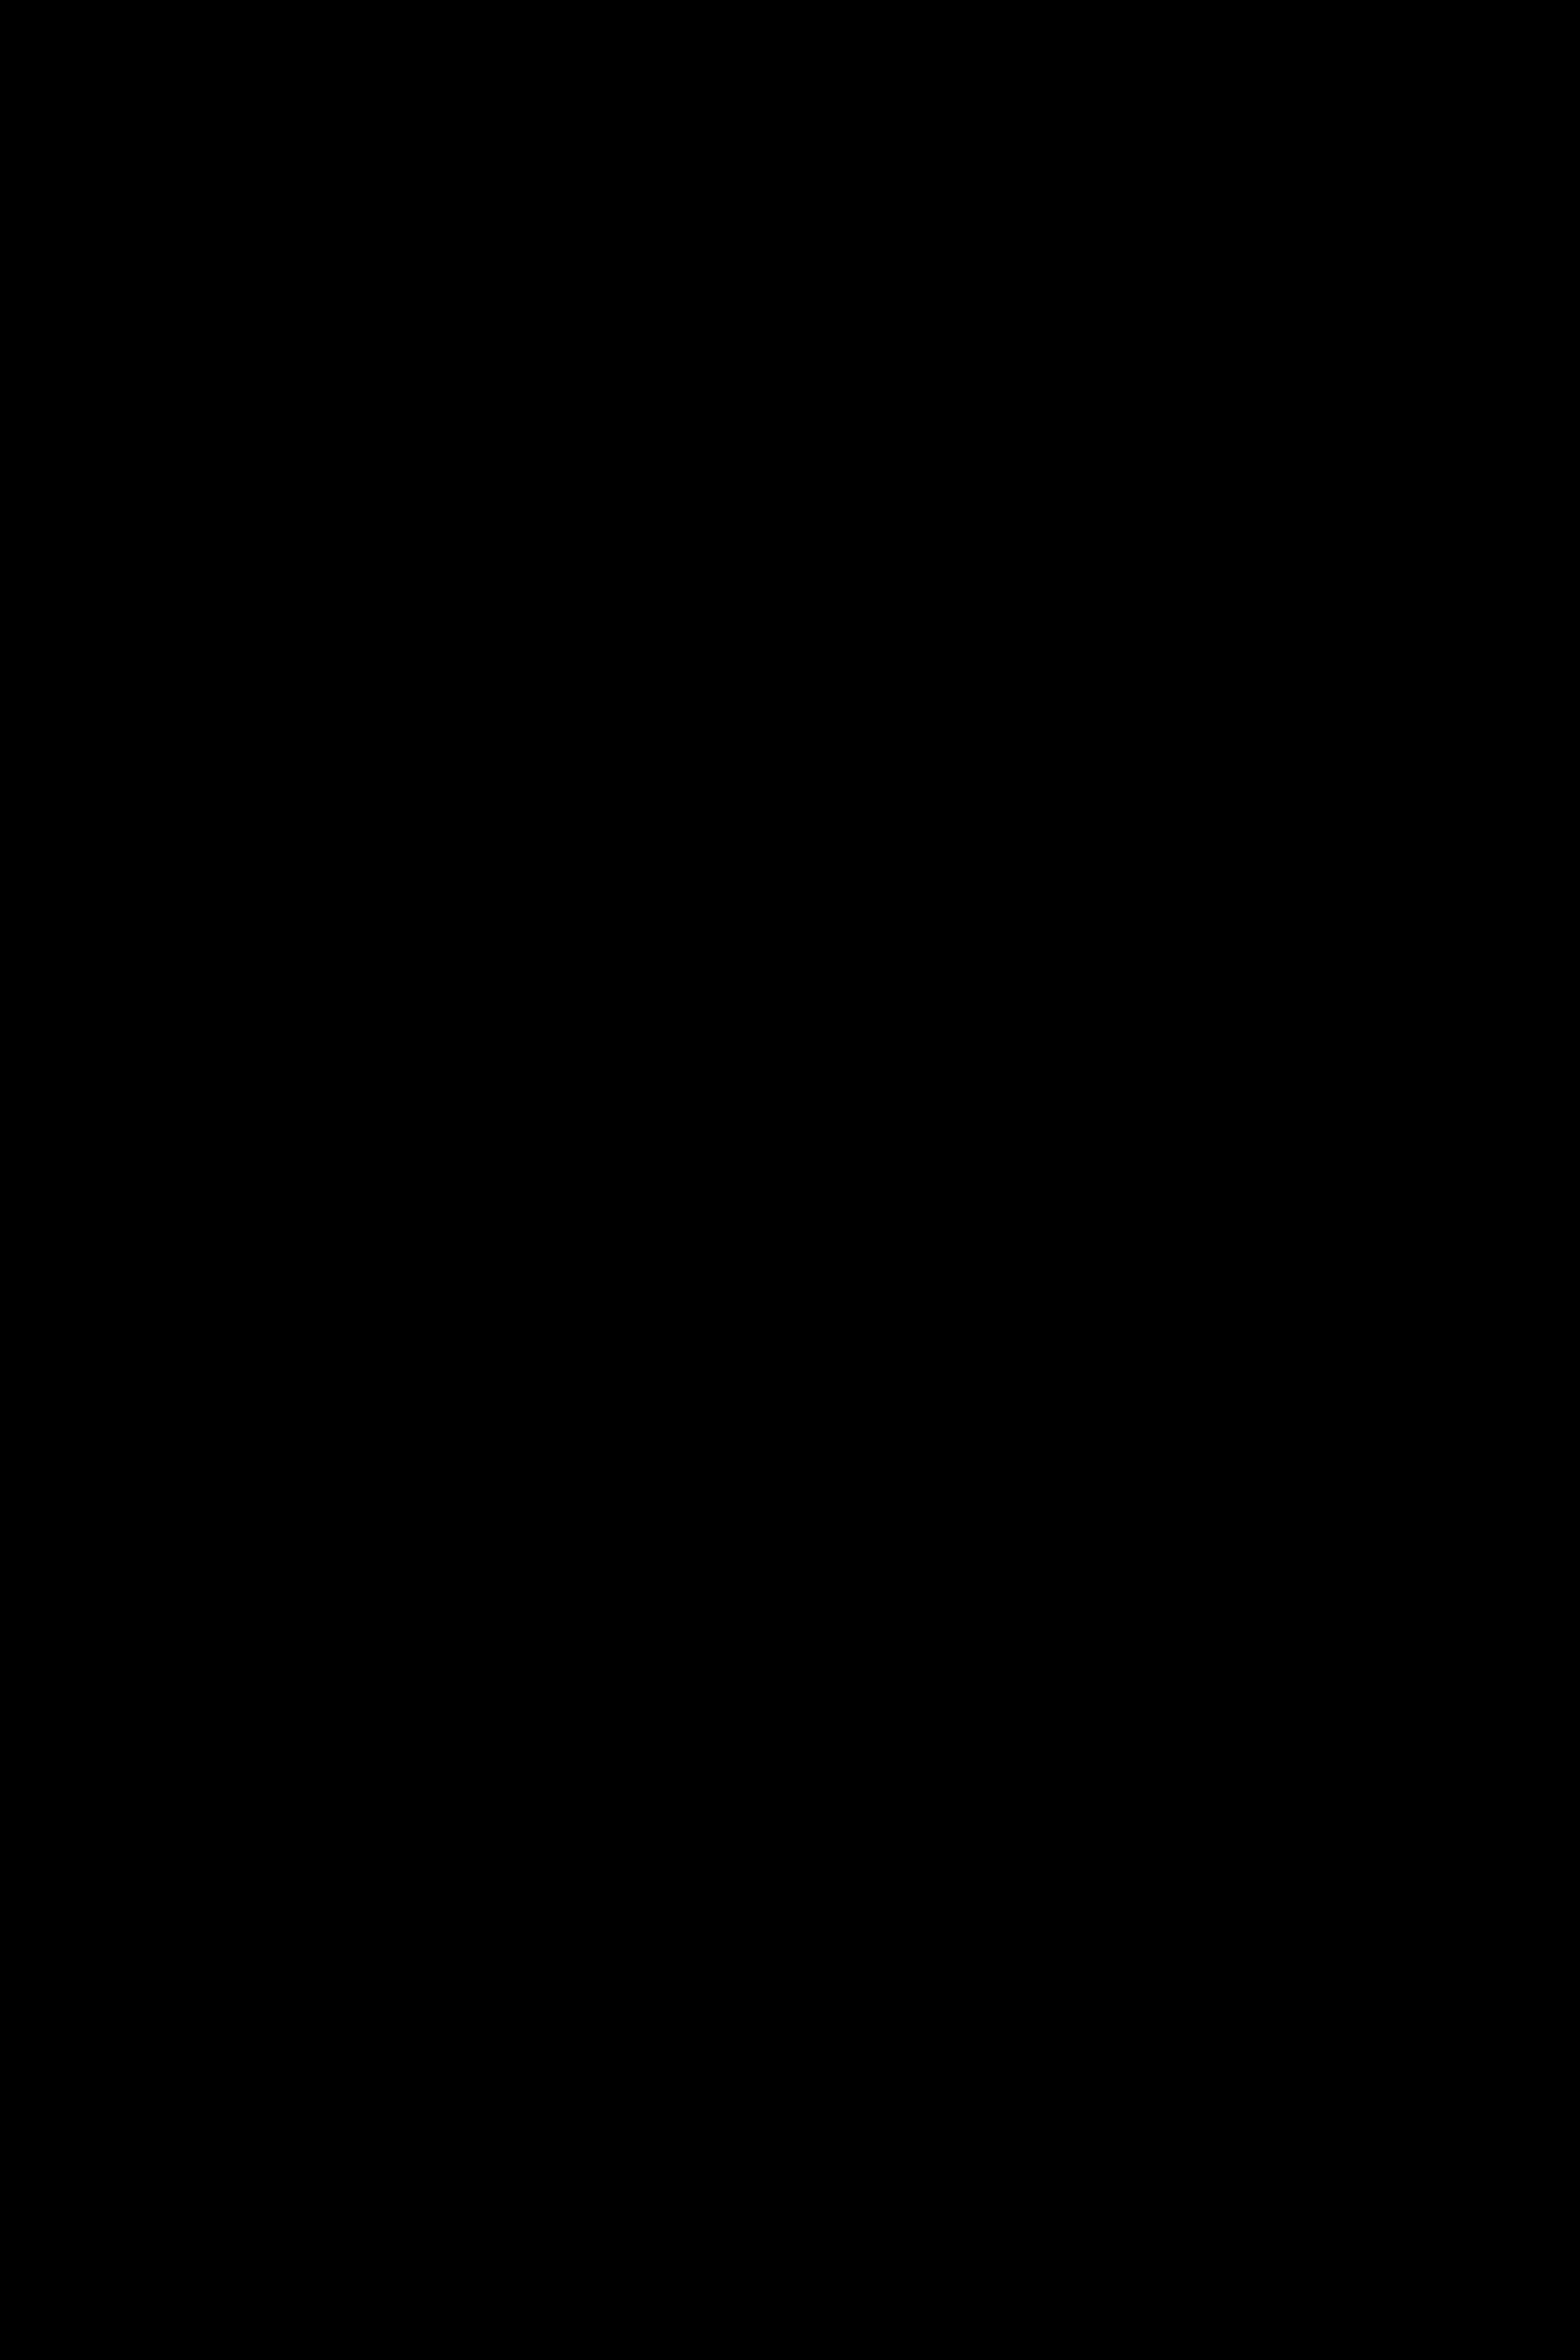 JOHAN HOOGEWIJS, SCREEN COMPOSER & MUSICIAN ON DEMAND